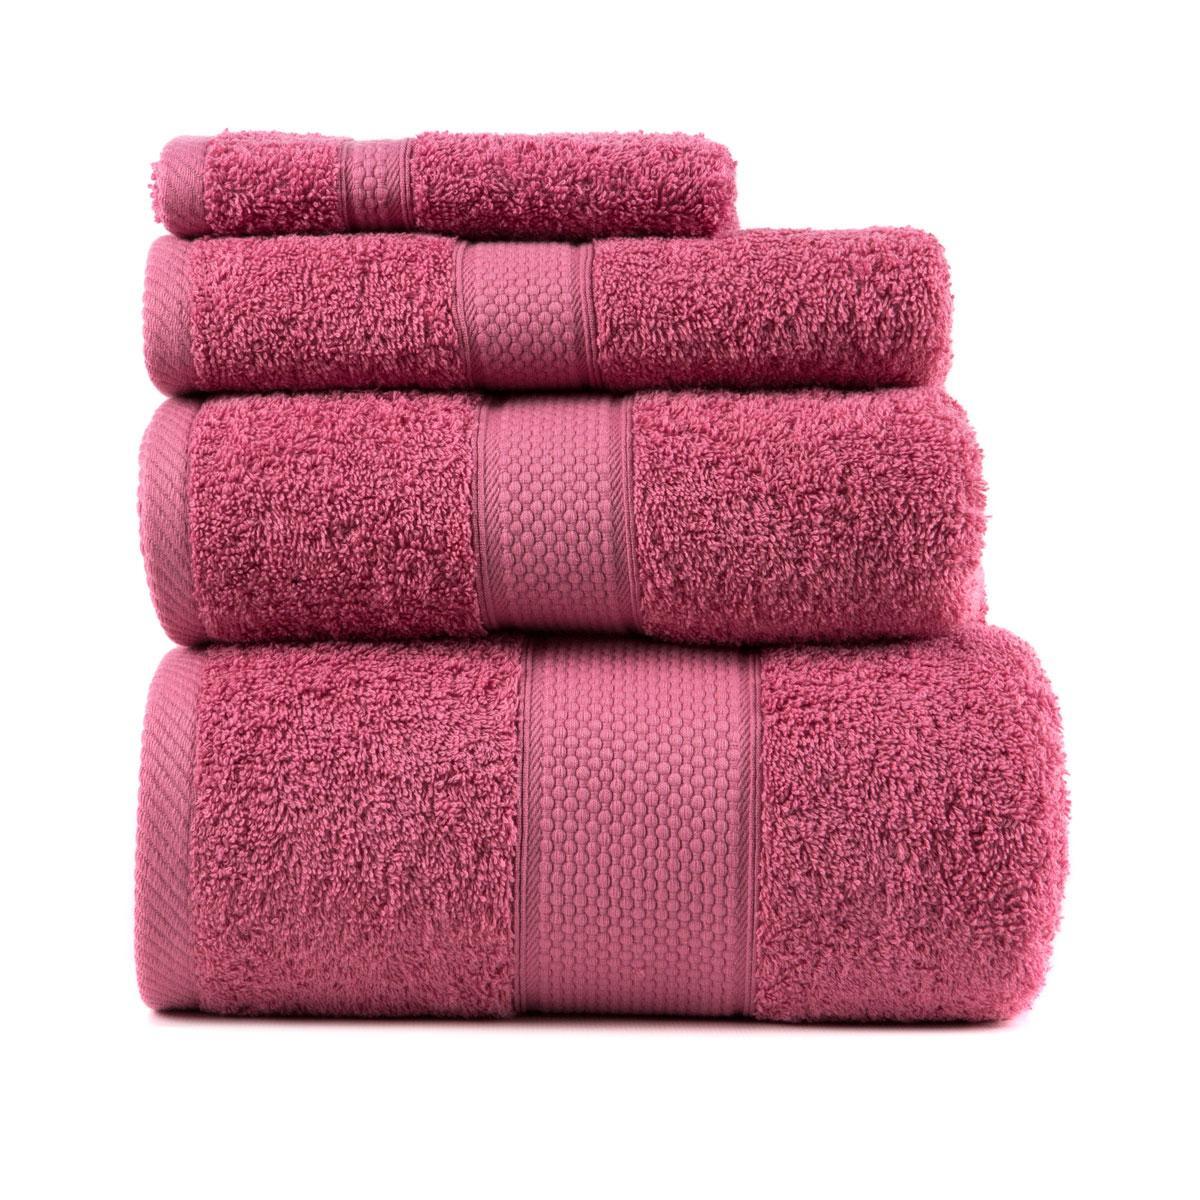 Полотенце для лица Arya Miranda Soft 30*50 см махровое банное сухая роза арт.TRK111000017462